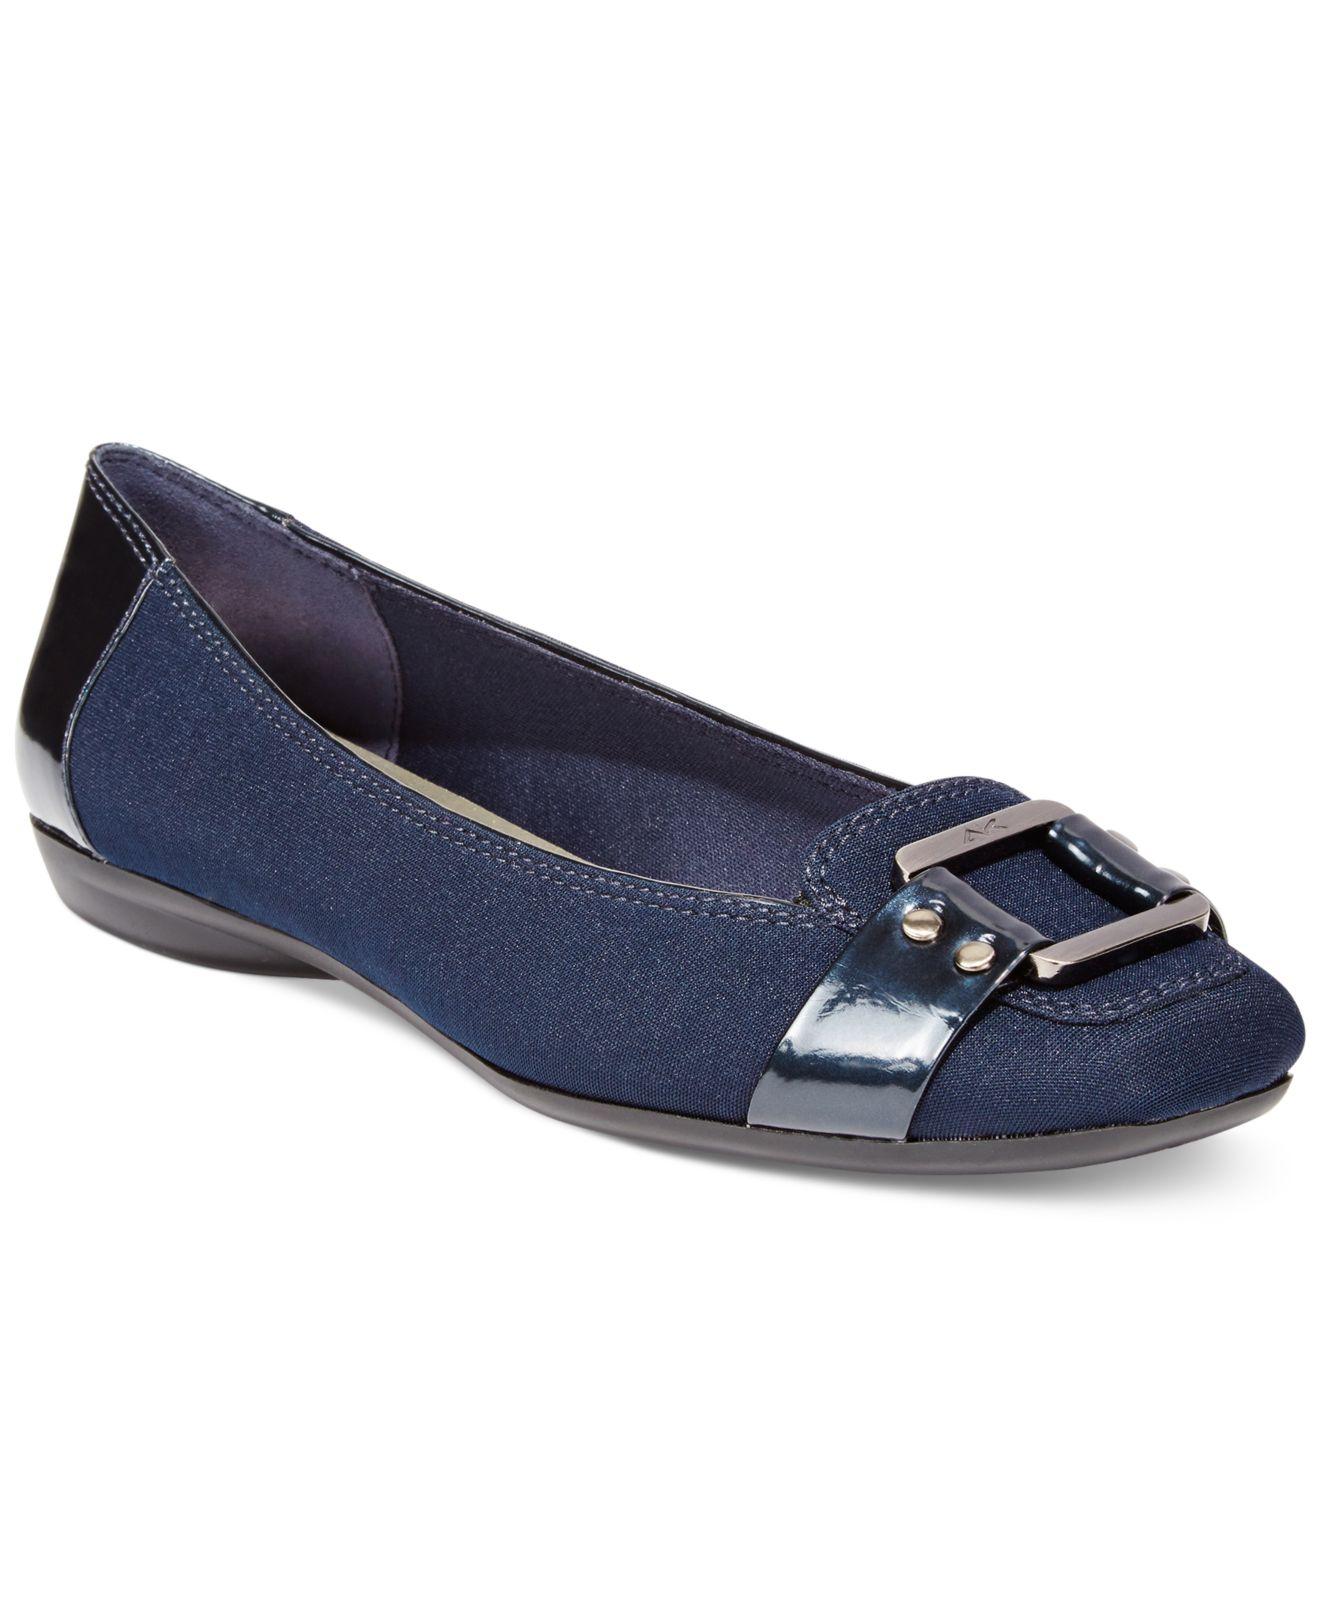 Anne Klein Sport Shoes Uk